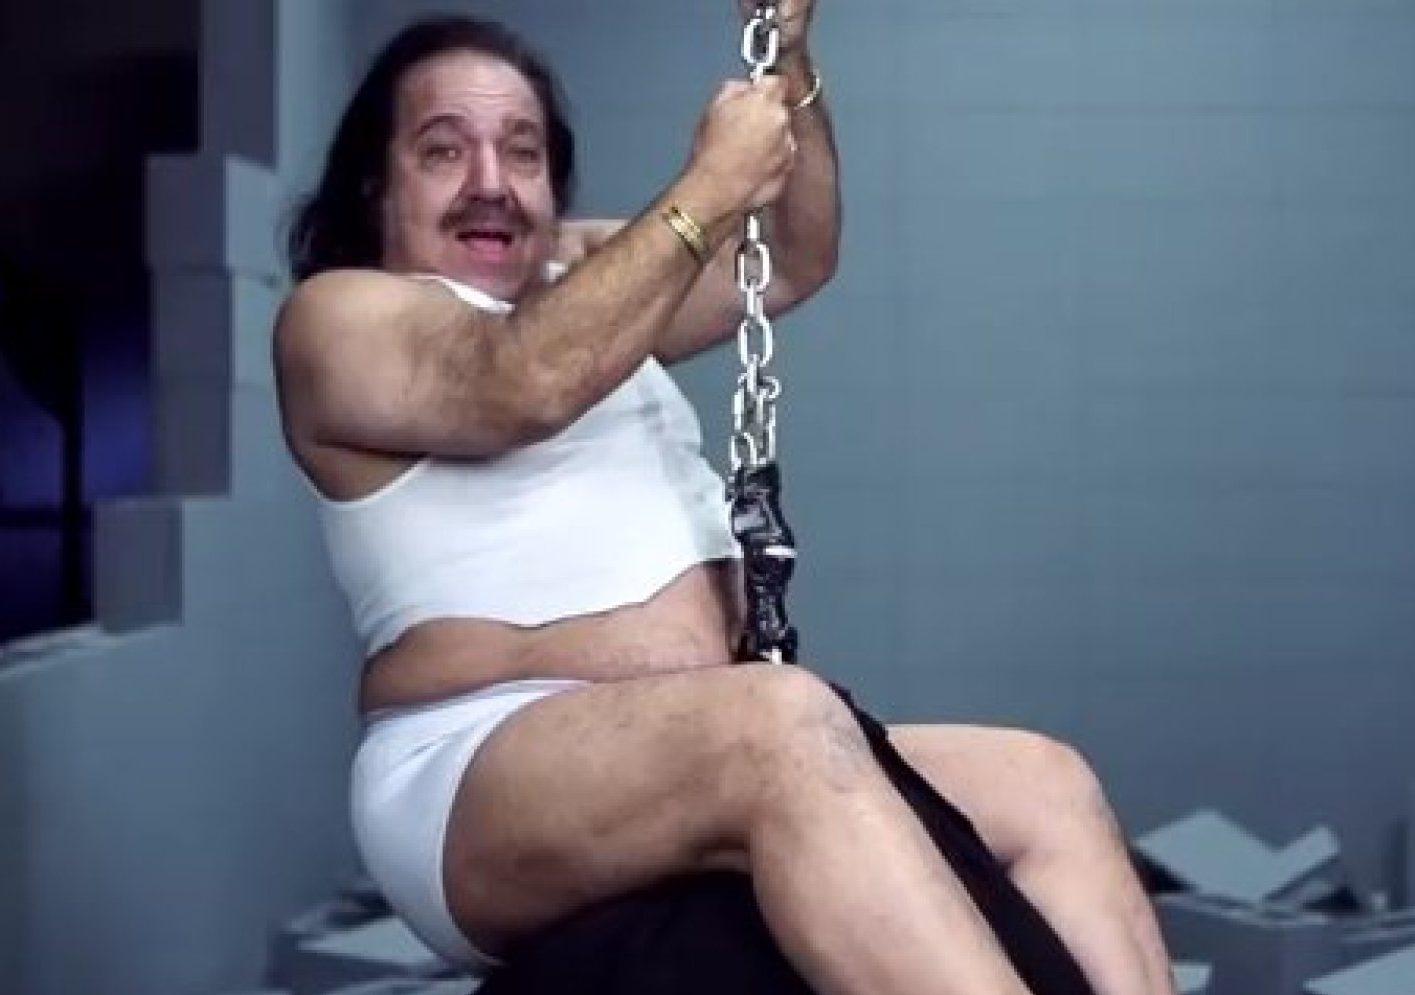 Barrigas Gordas Porno ron jeremy, la bestia gorda del porno | | el cerdo del porno